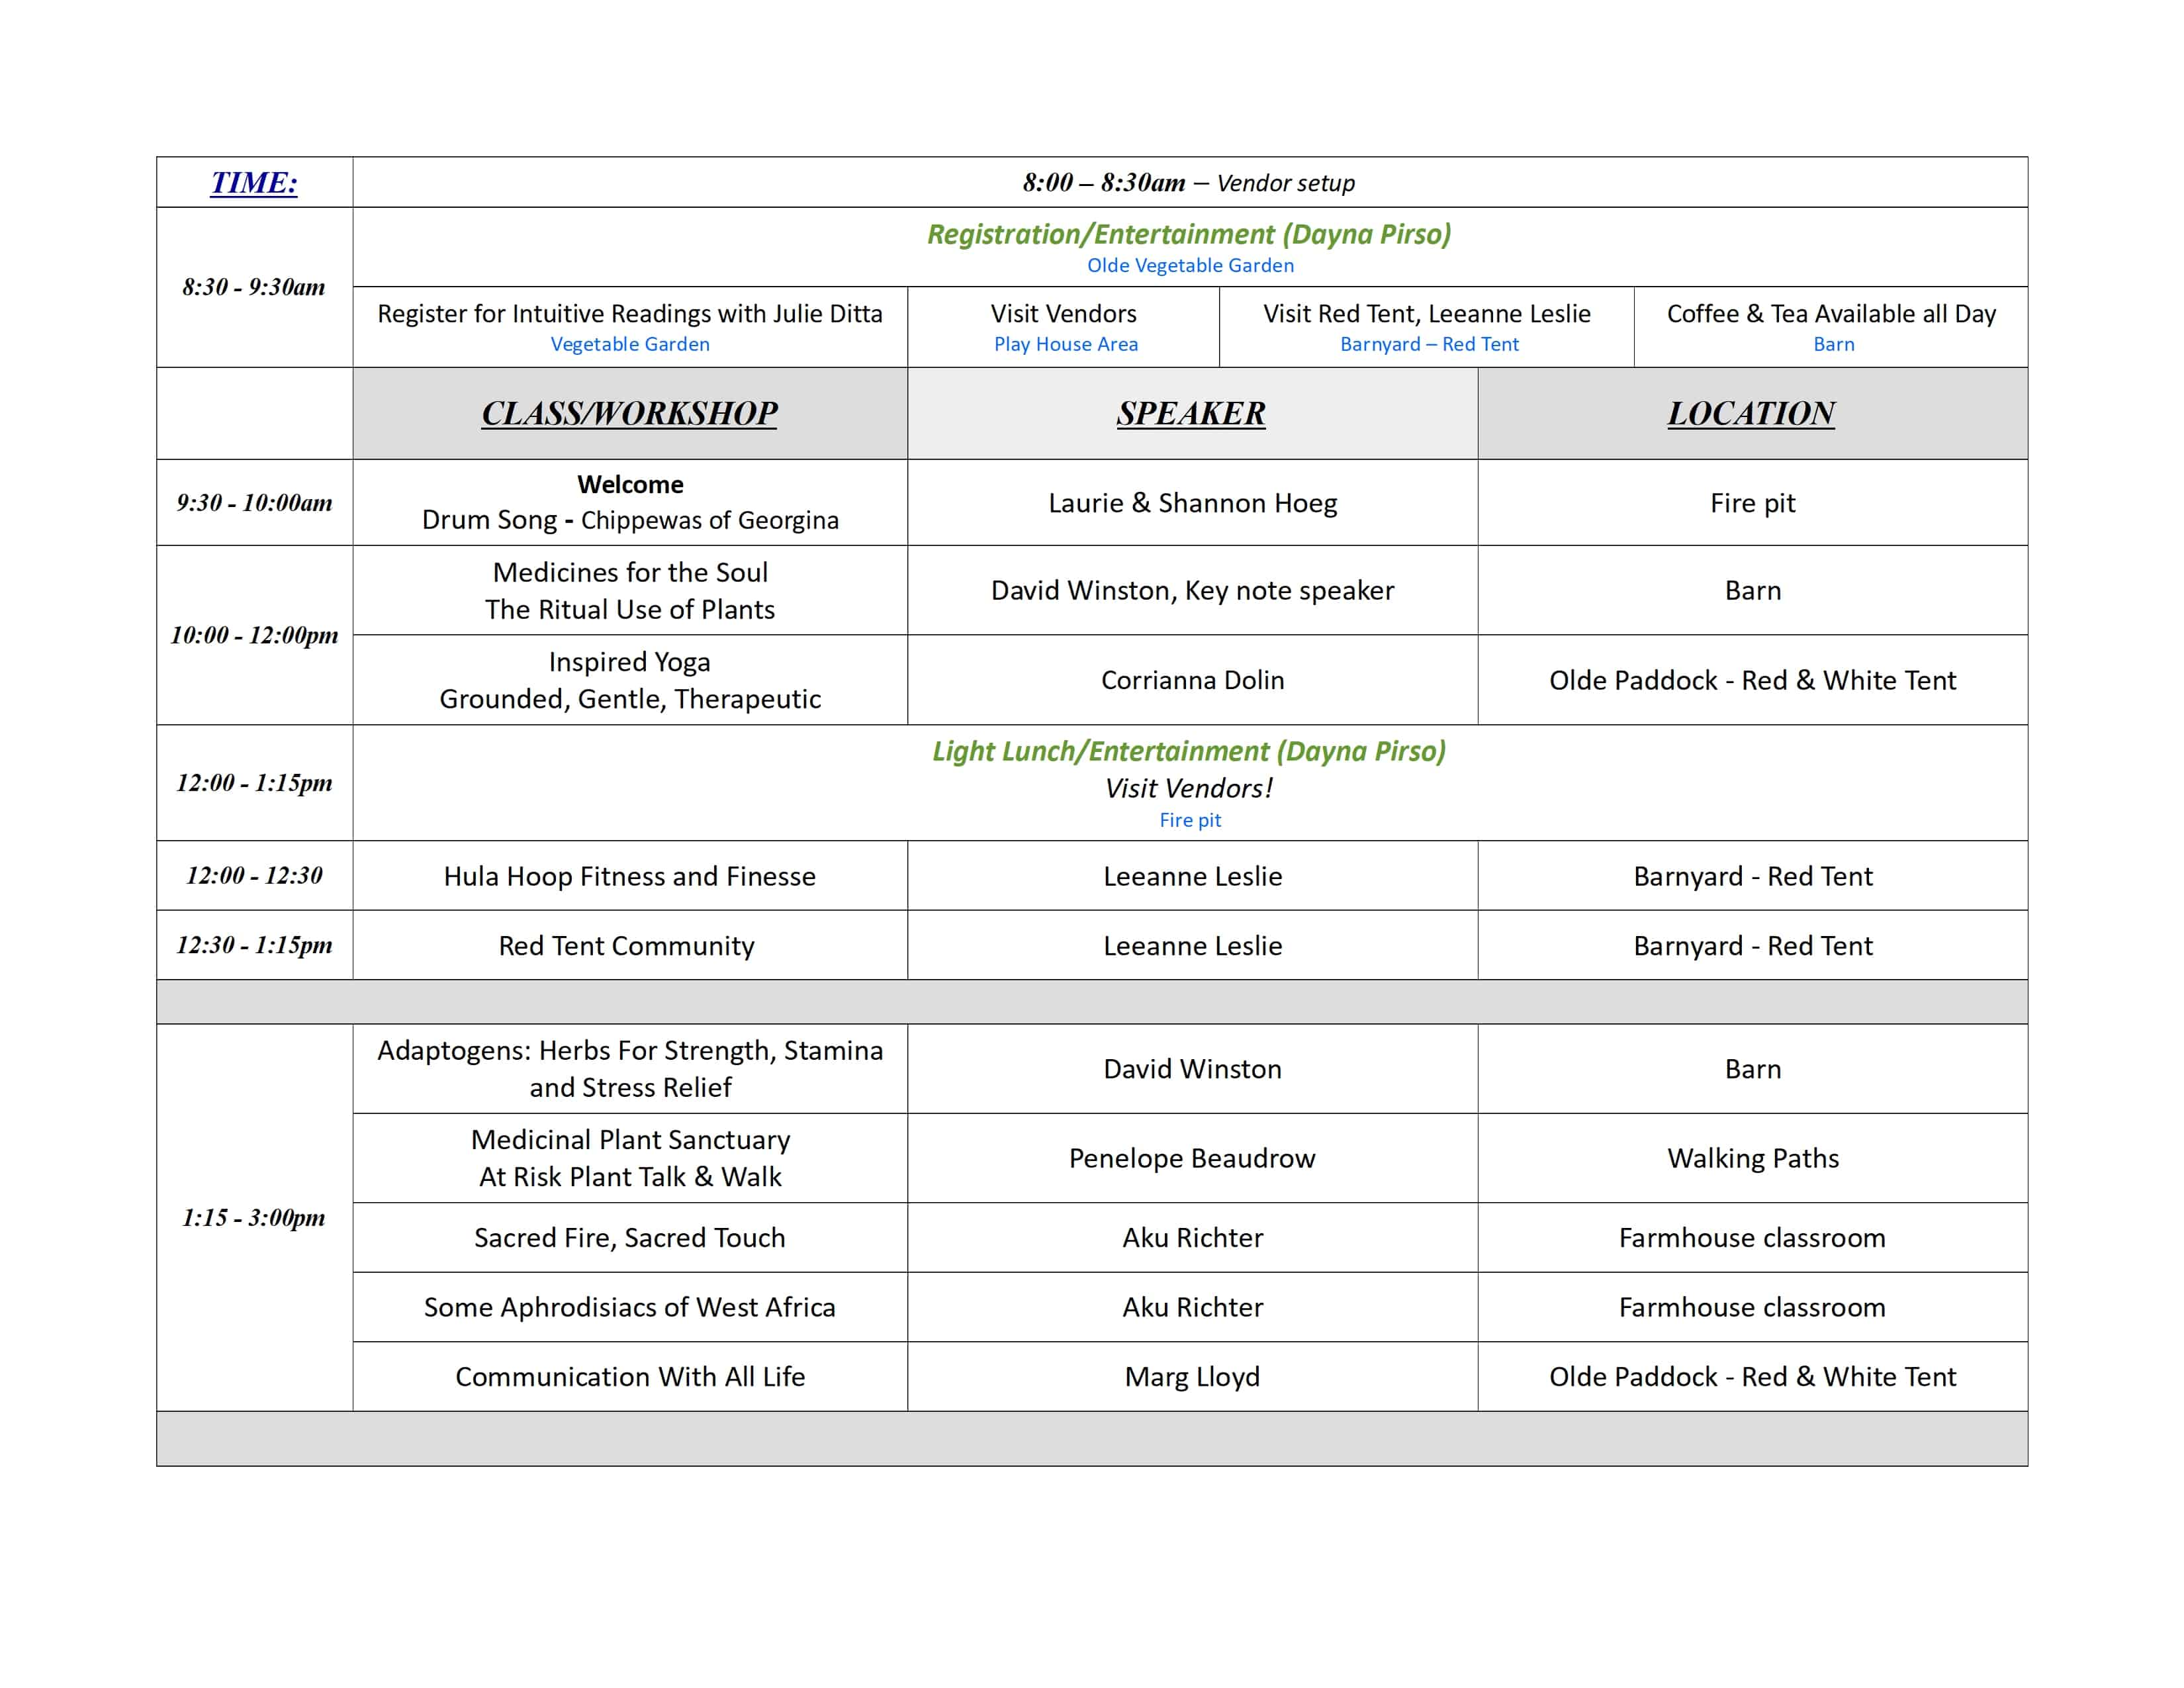 BTYR schedule 2018 august 8th jpg p2